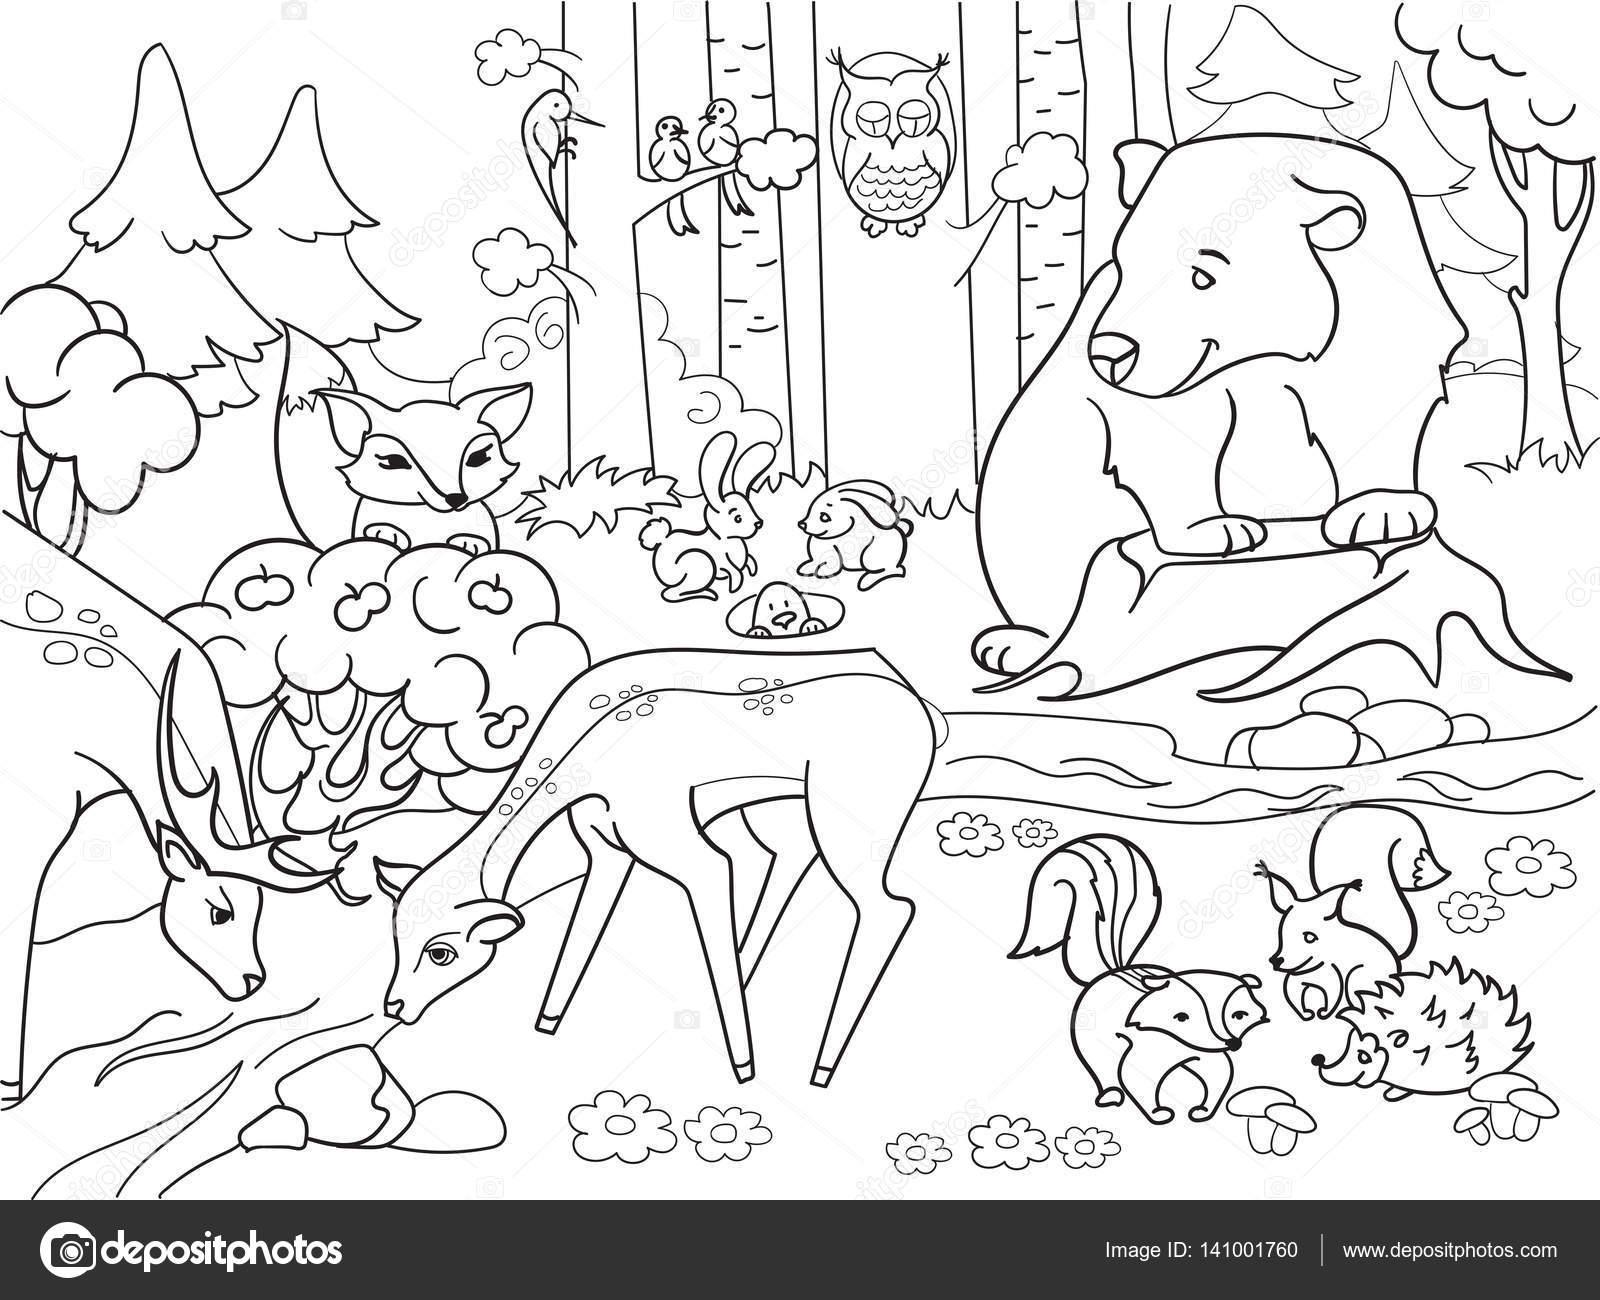 Krajobraz coloring #13, Download drawings